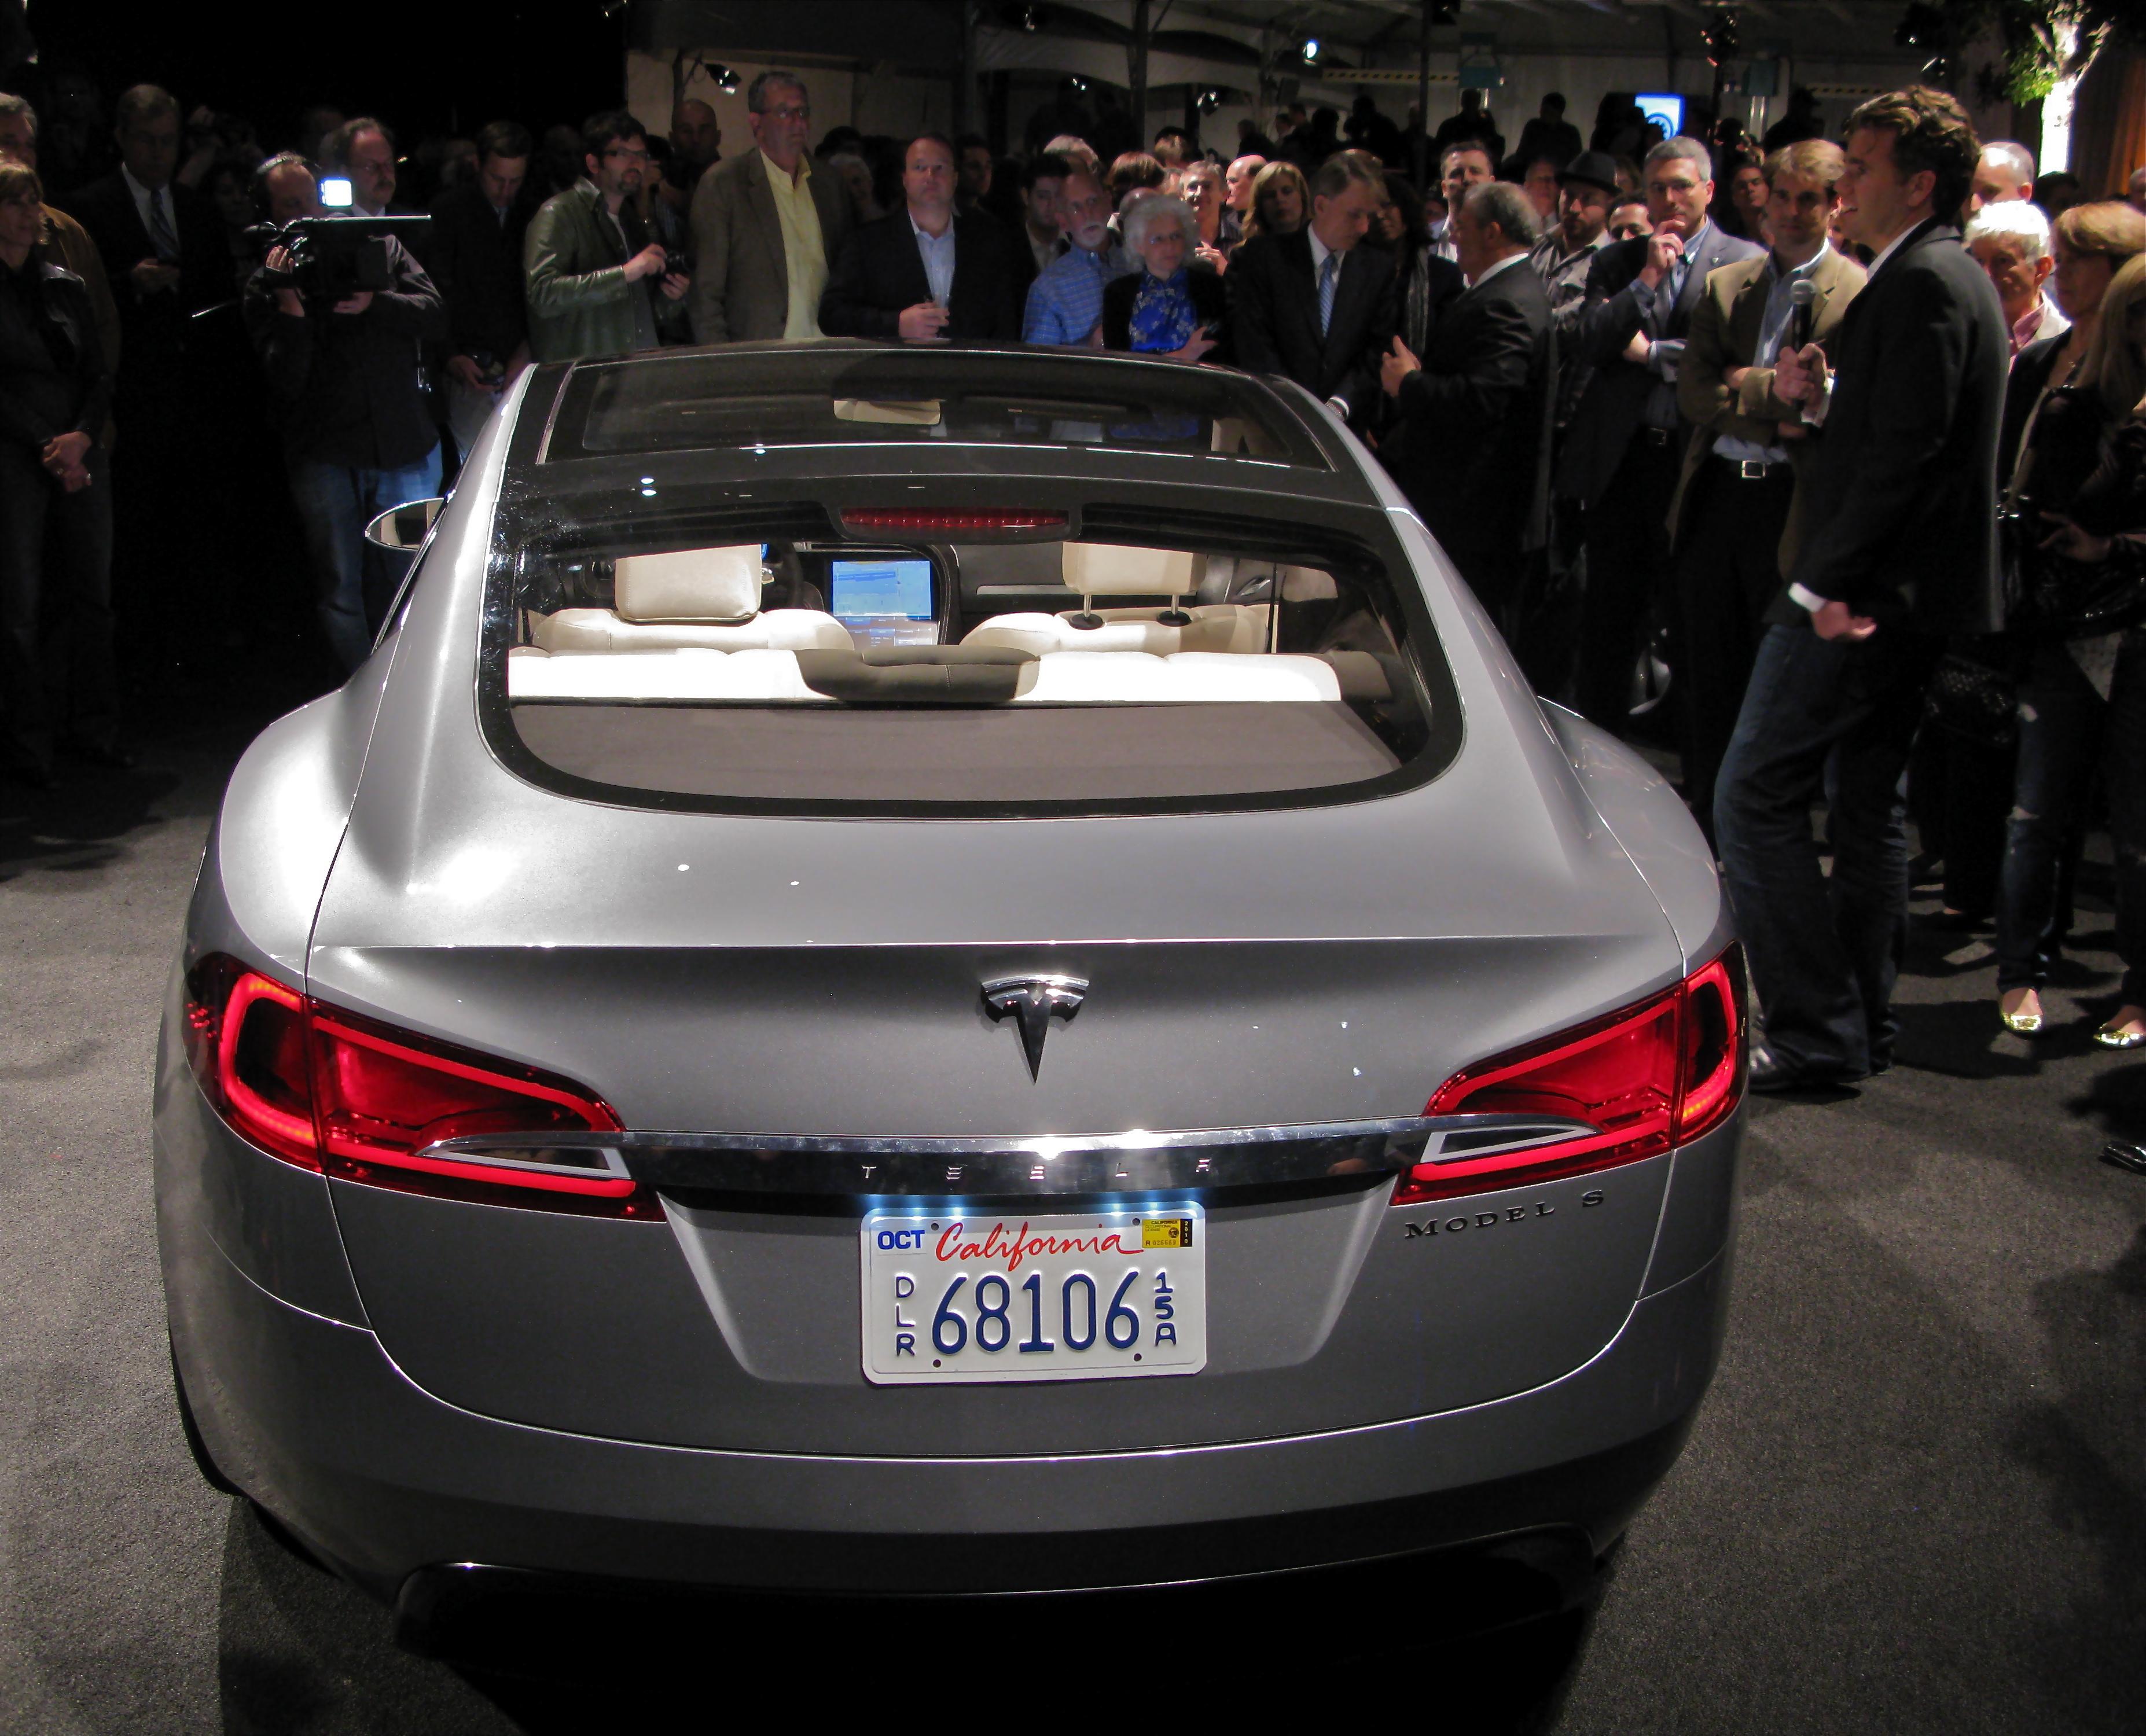 Model Y Wikipedia: File:Tesla S Rear View.jpg